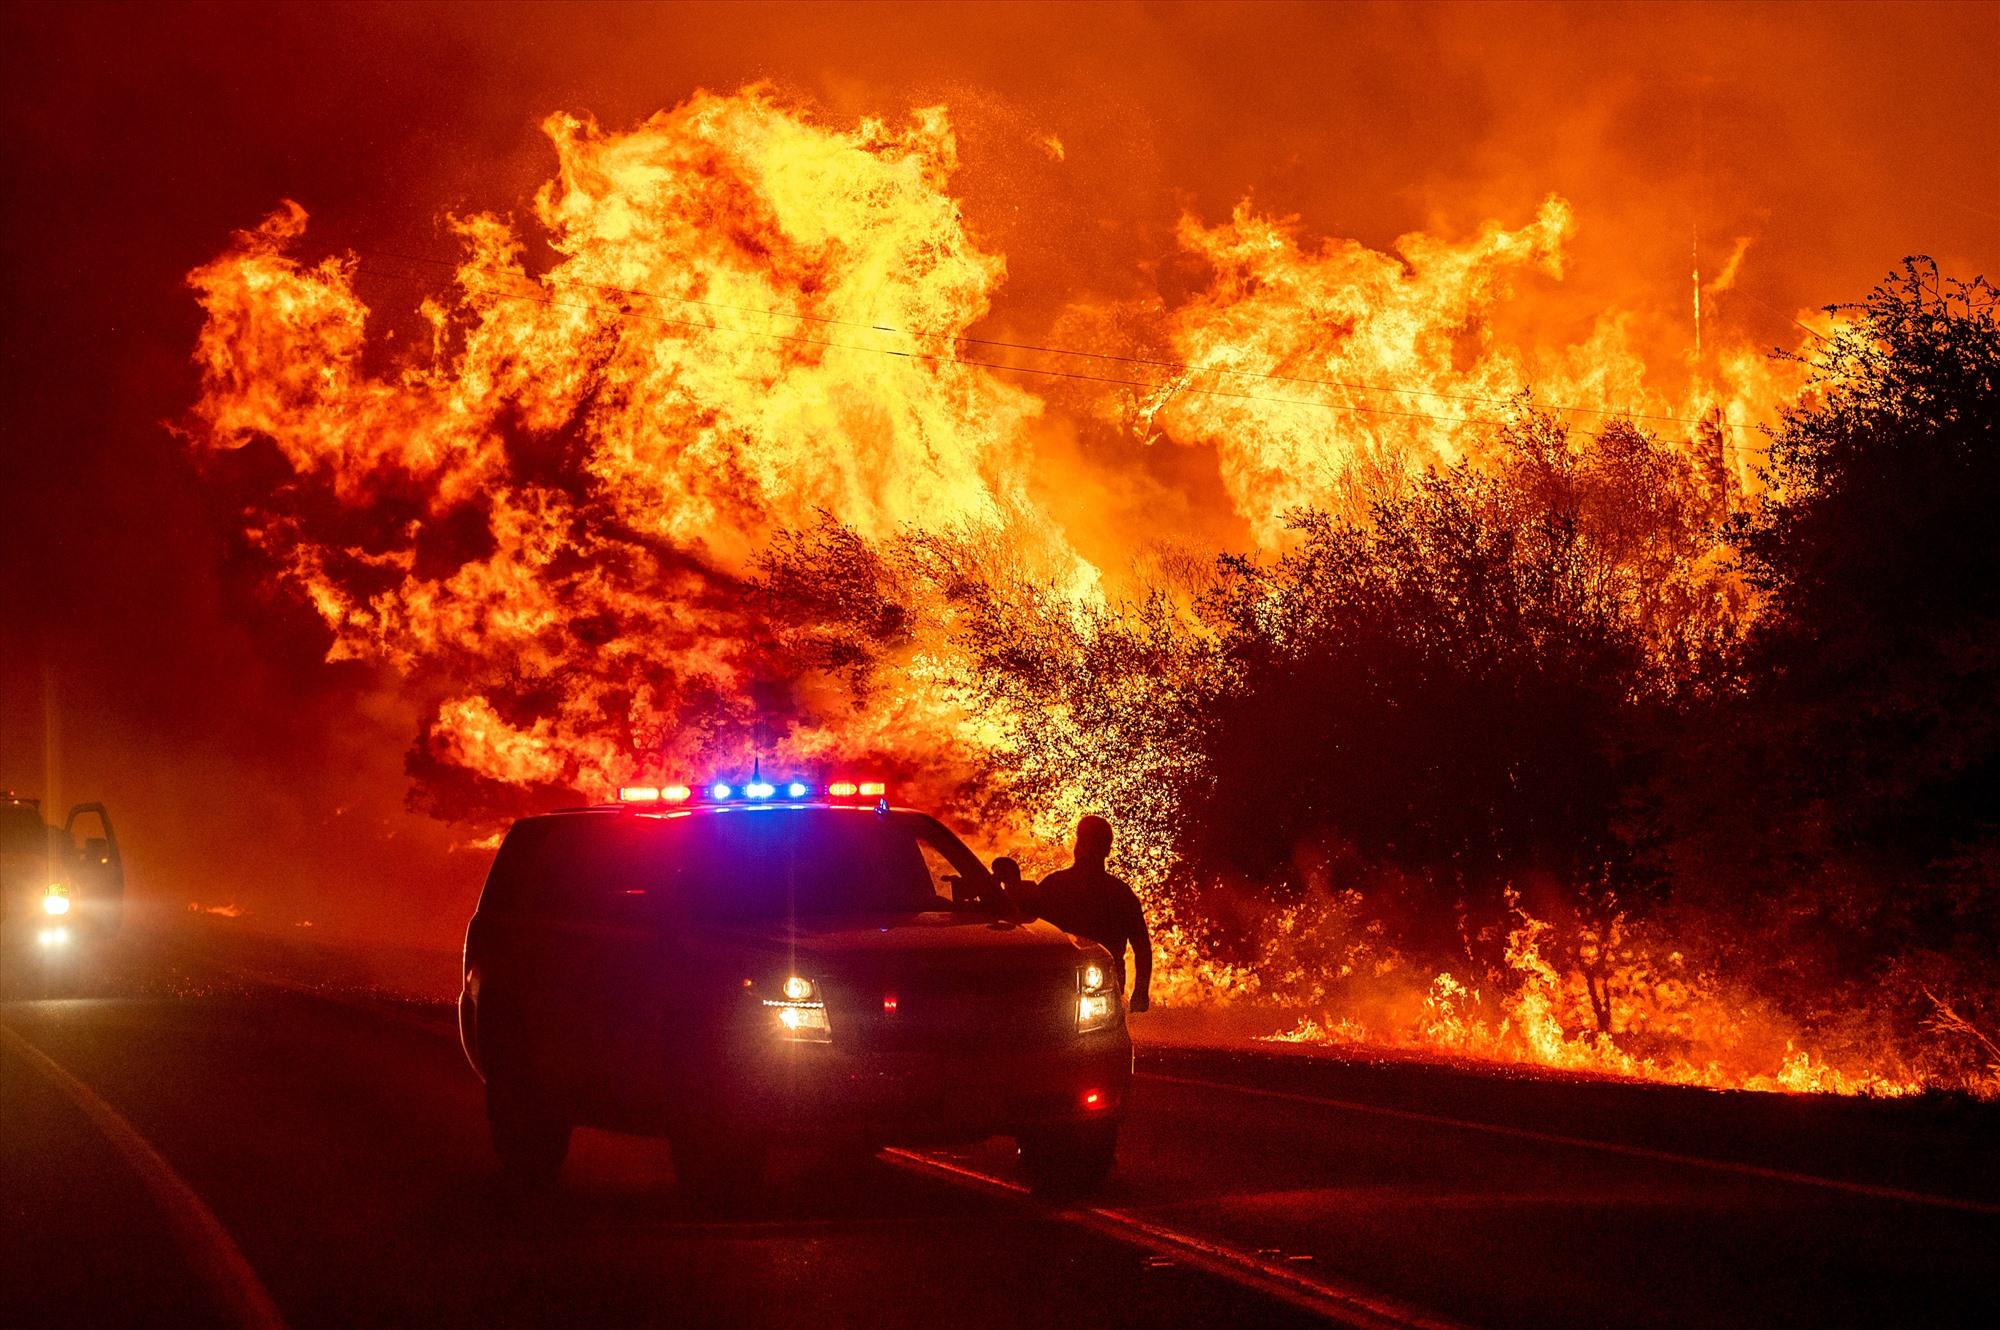 Cháy rừng vẫn hoành hành tại nhiều nước trên thế giới. Ảnh: AP